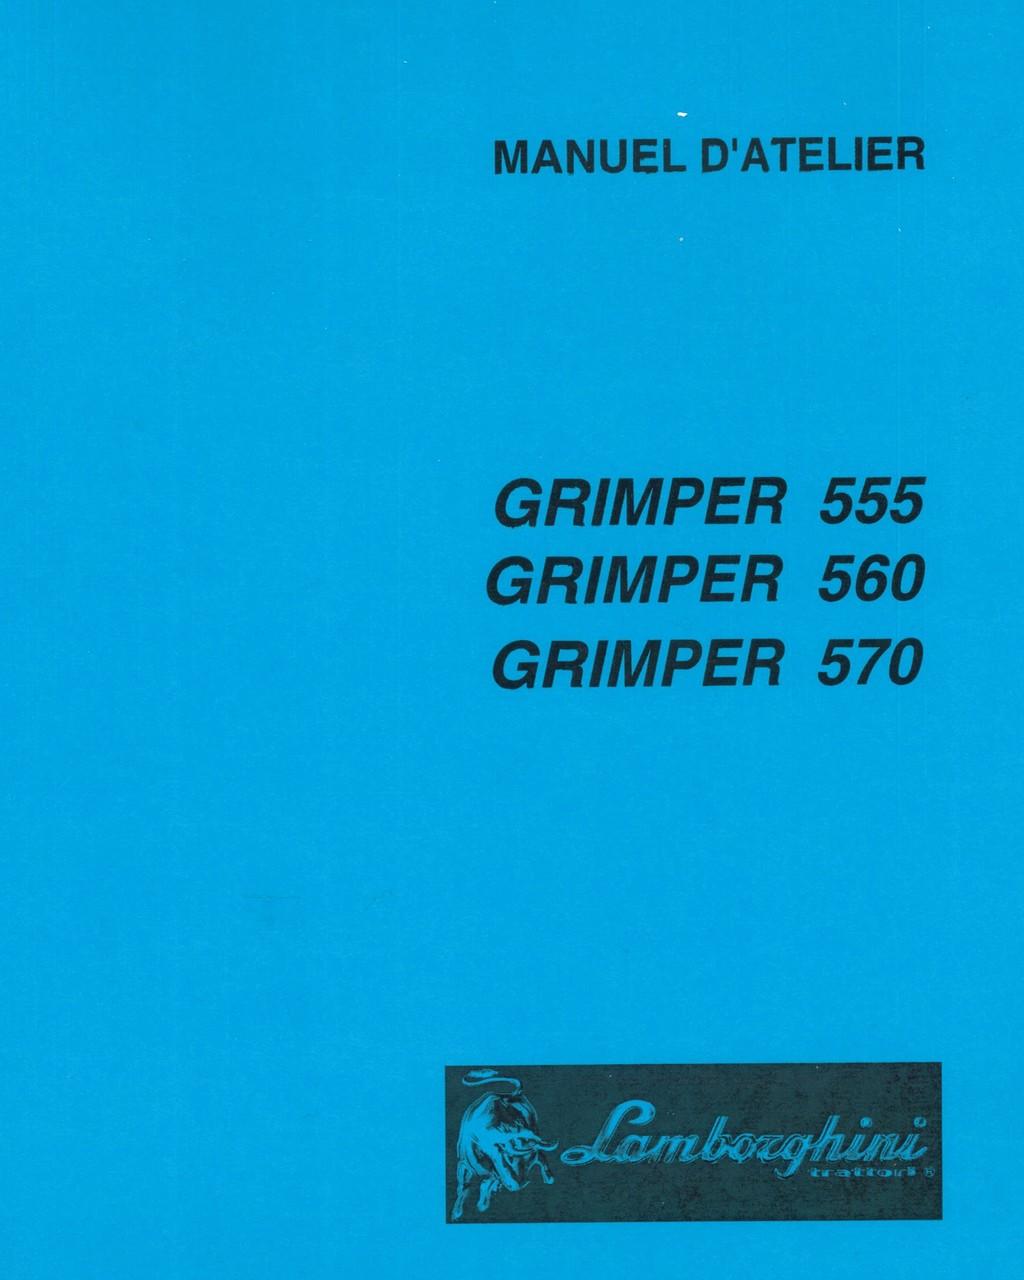 GRIMPER 555 - GRIMPER 560 - GRIMPER 570 - Manuel d'atelier